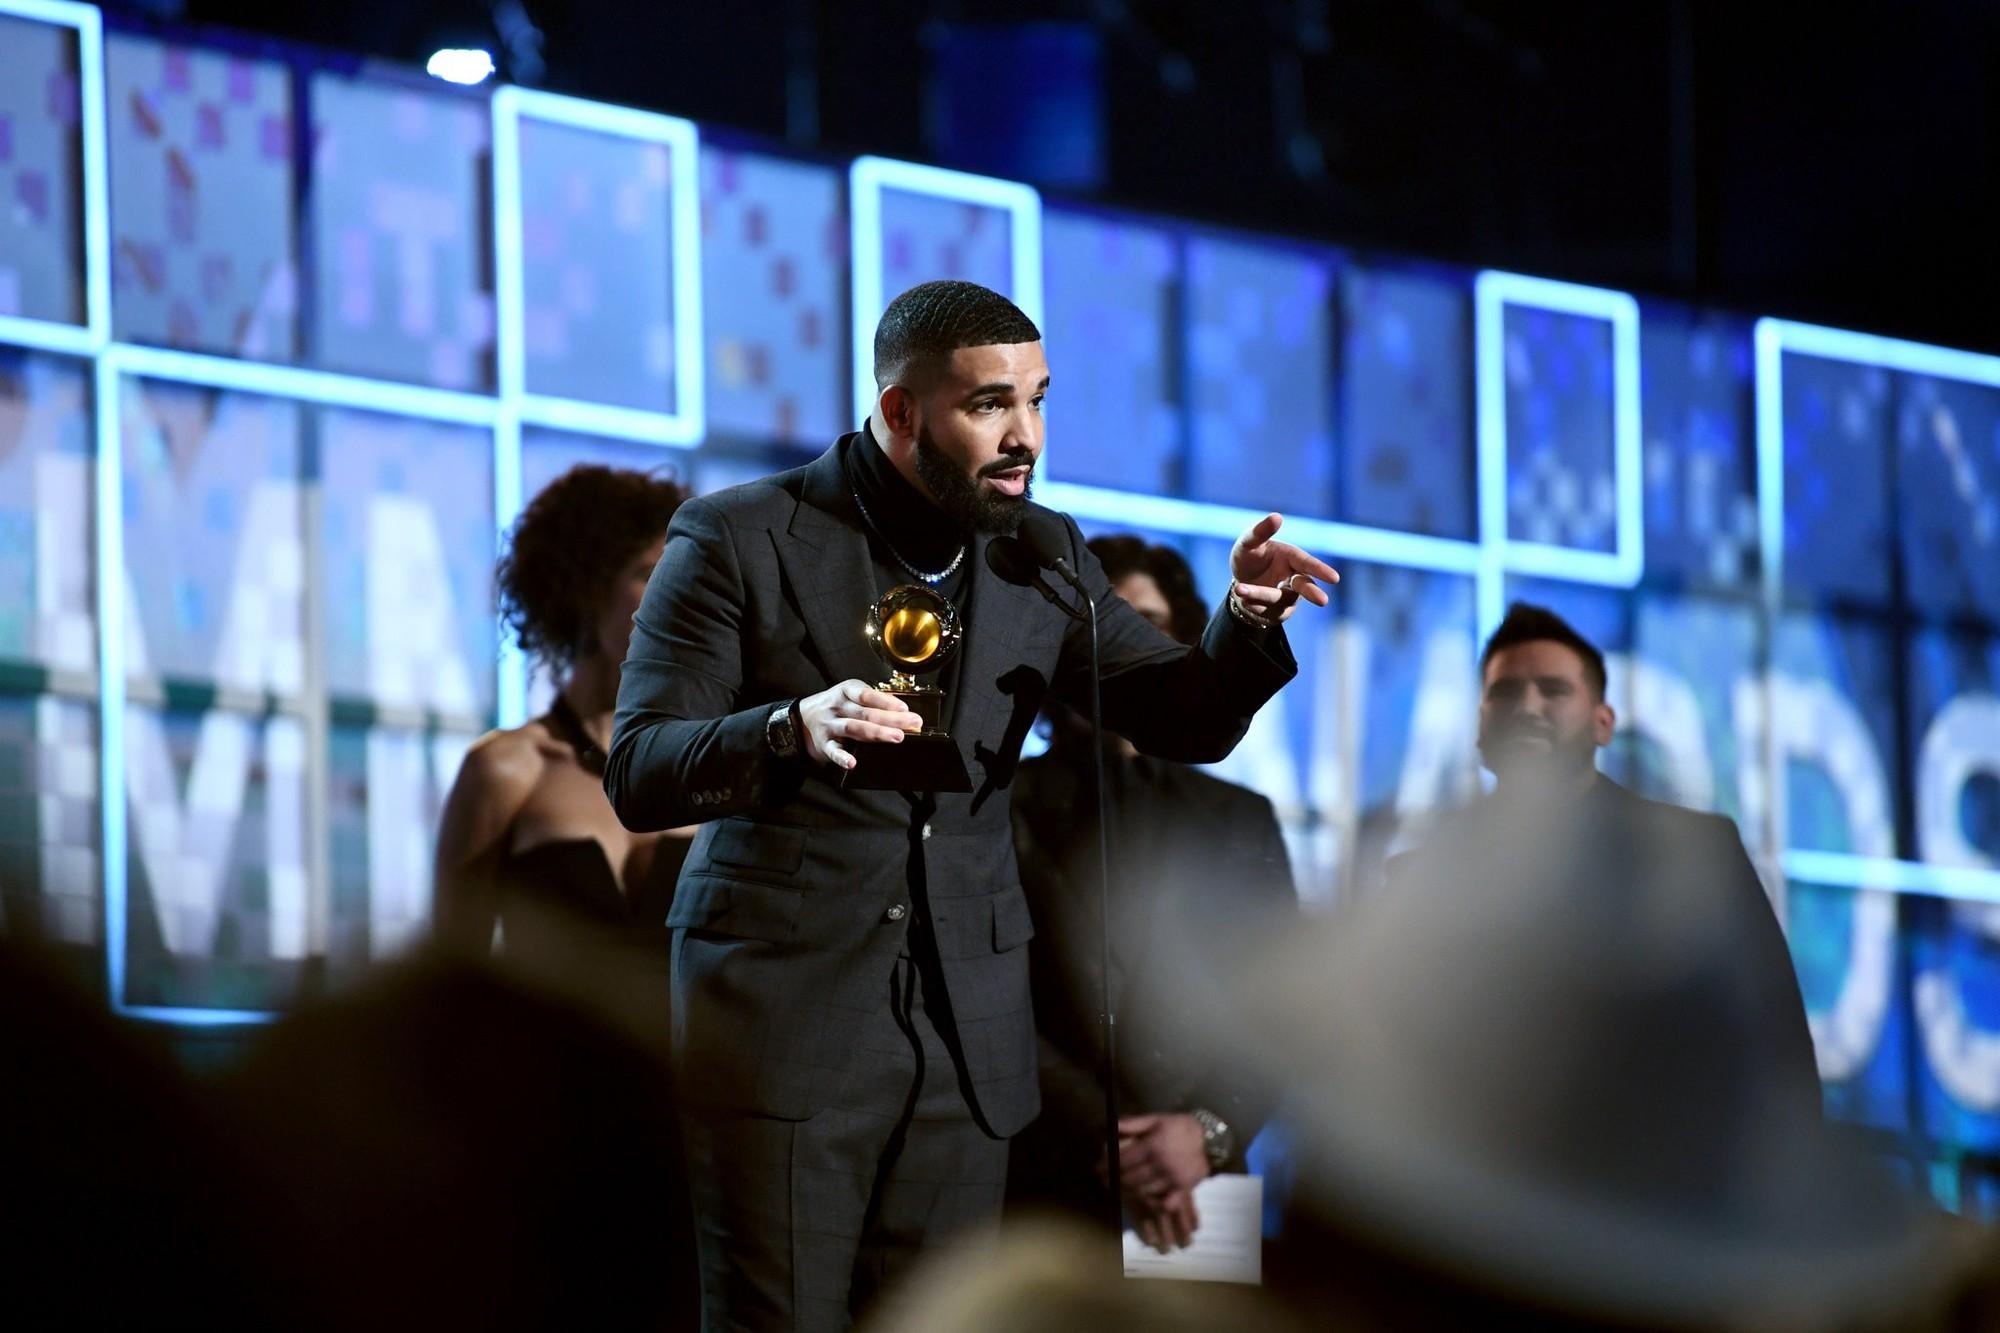 Đỉnh điểm của drama: Drake đang phát biểu thì bị cắt ngang mic vì ngang nhiên đá xéo Grammy - Ảnh 1.